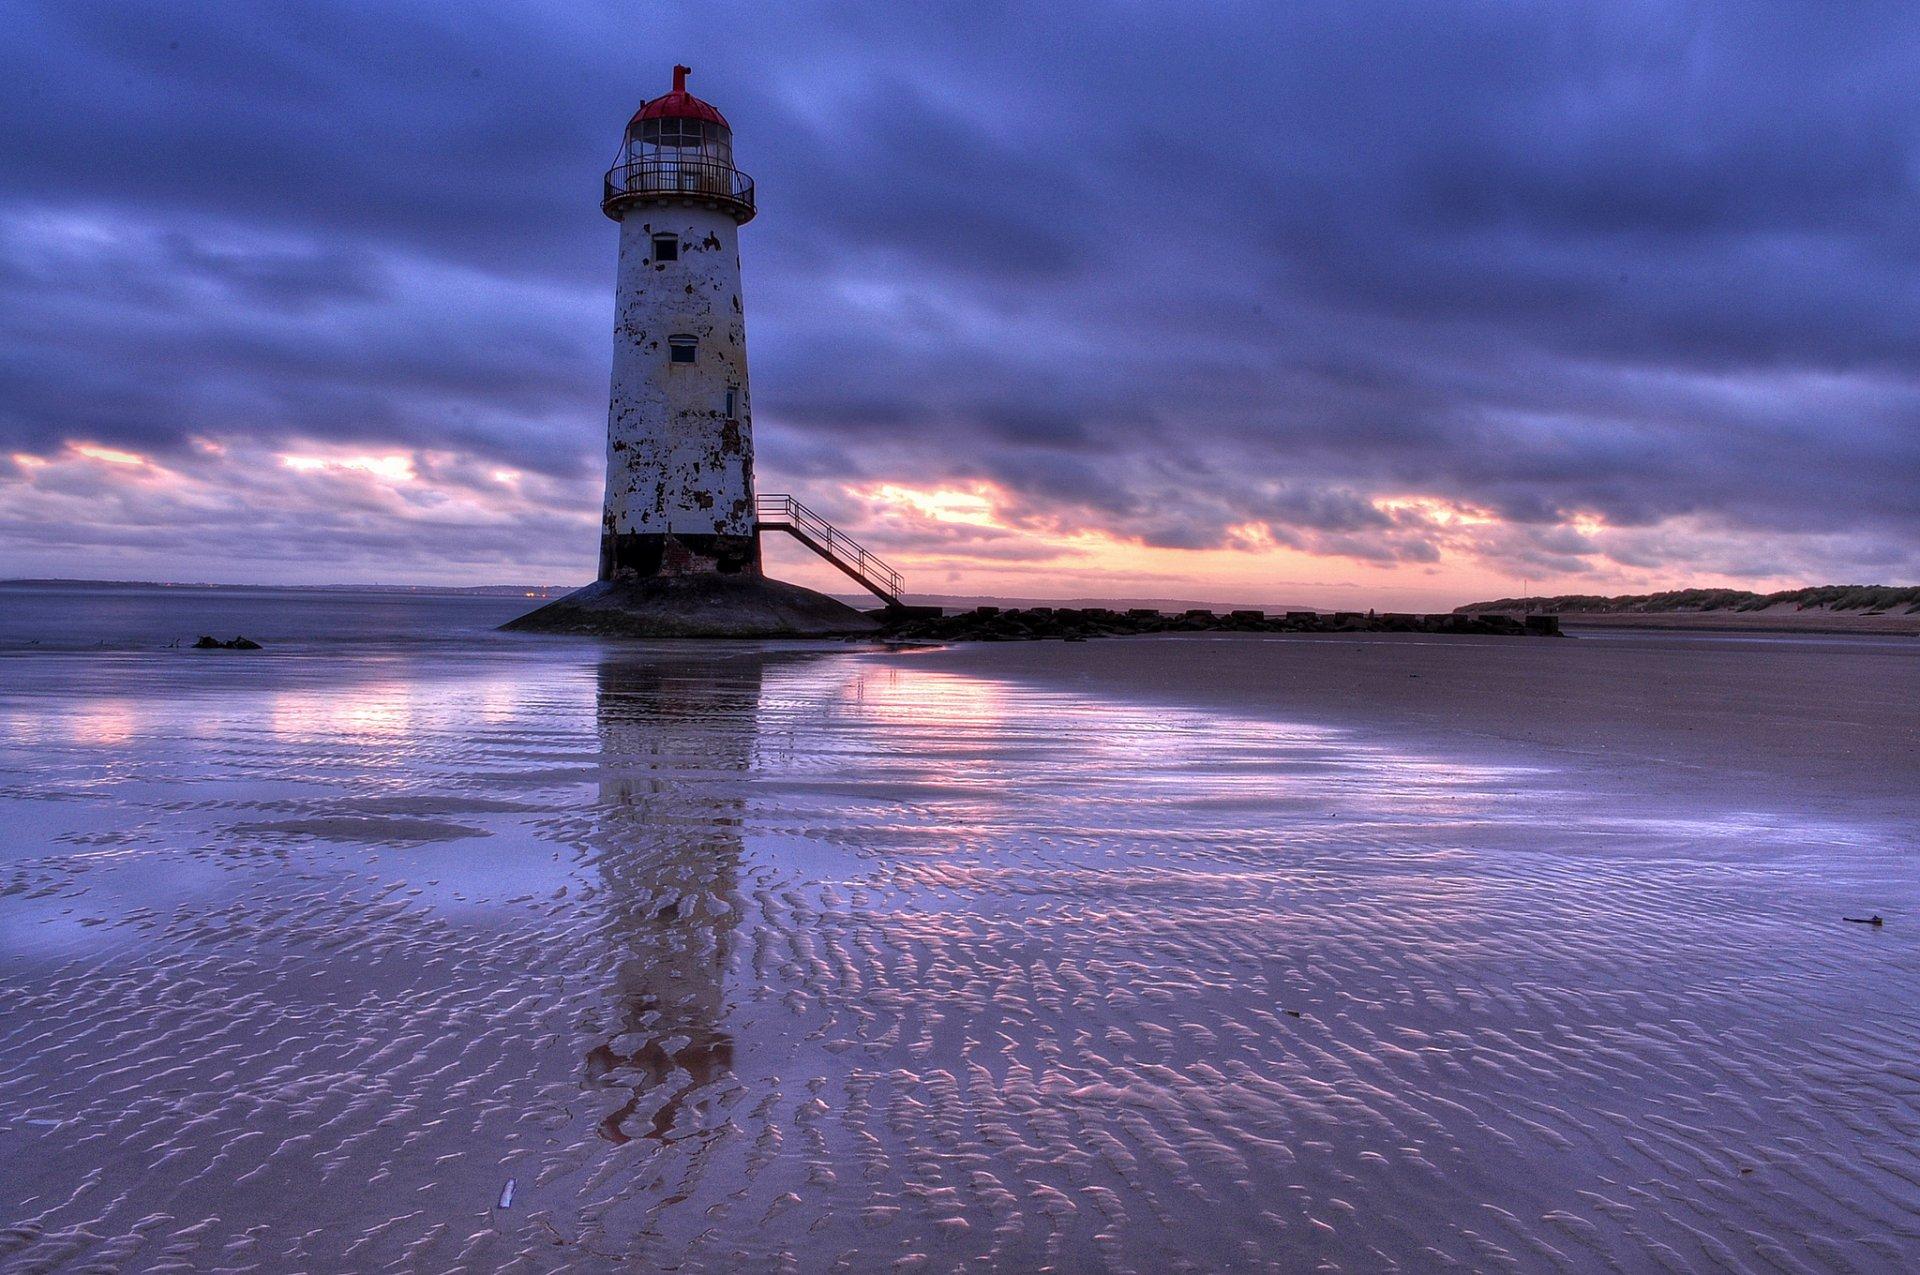 его маяк на берегу моря фото группой огромное количество